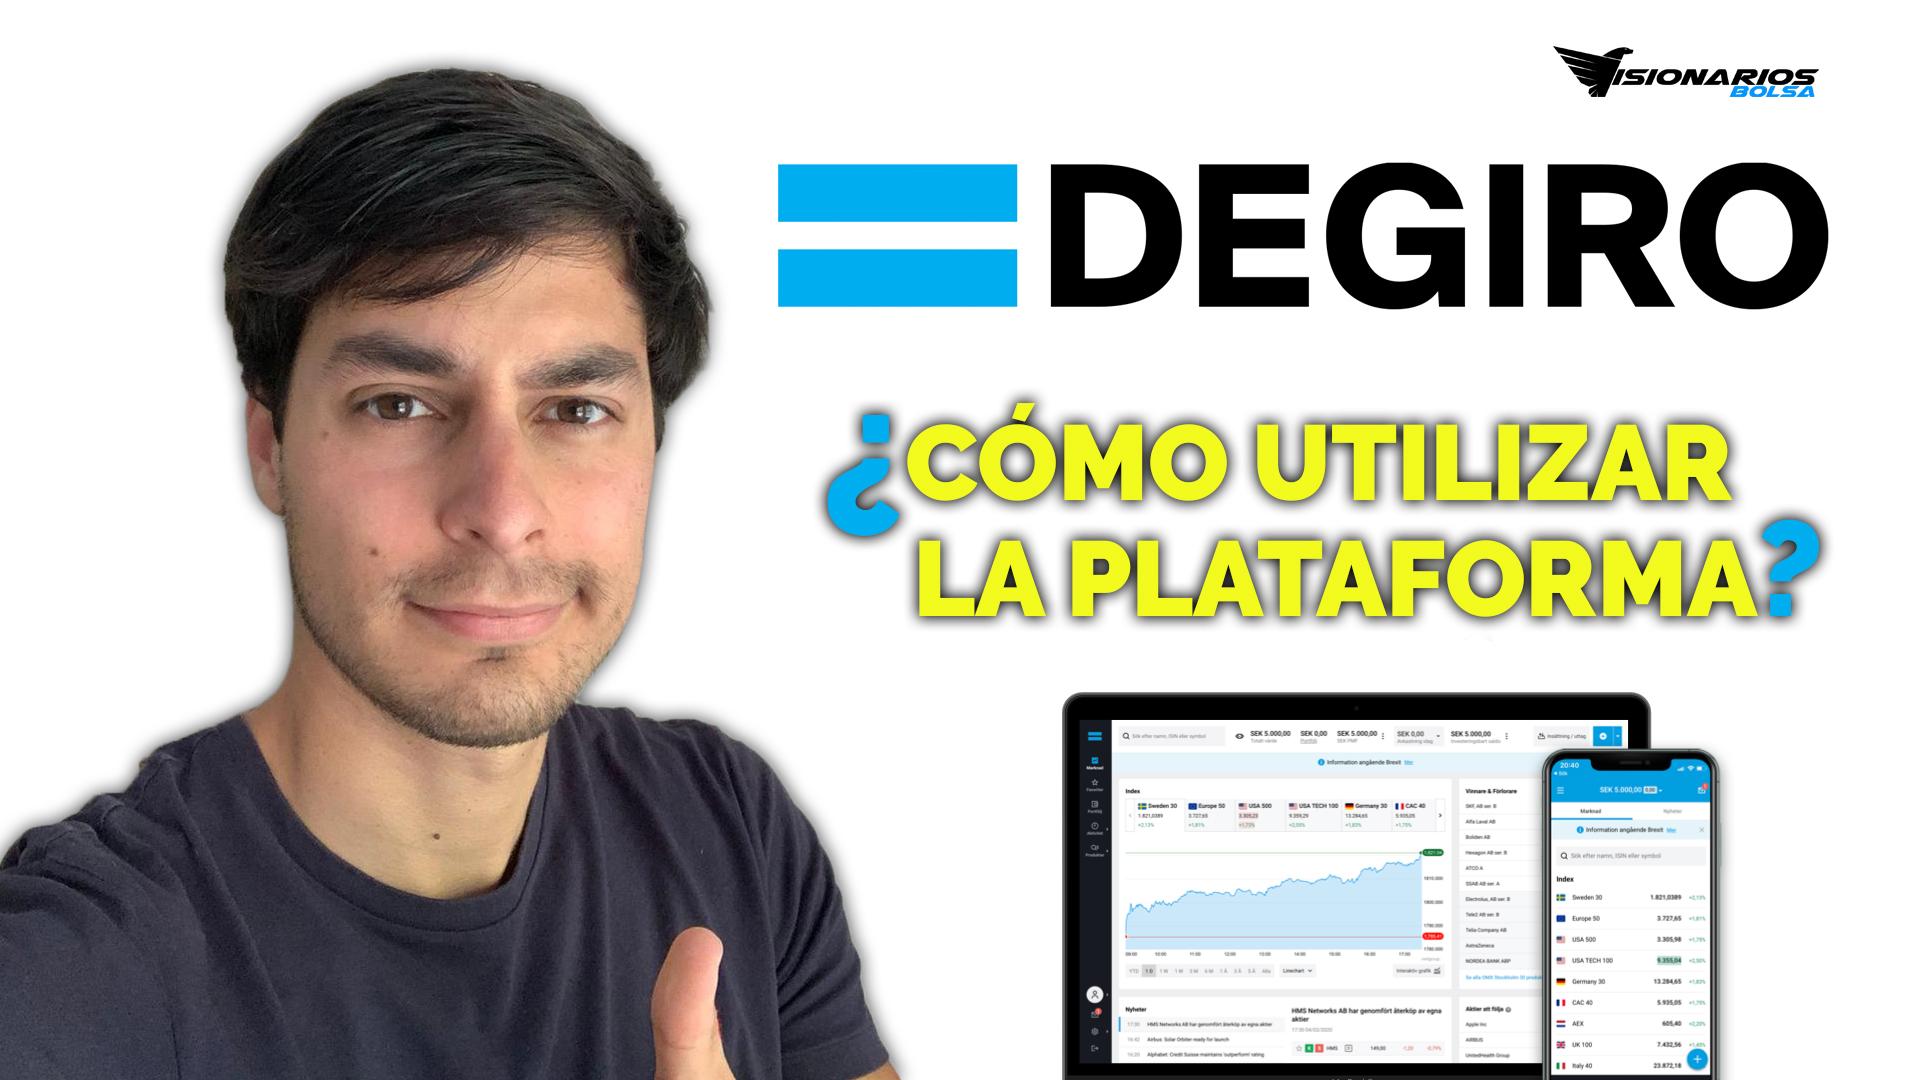 ¿Como Manejar La Plataforma De DeGiro?